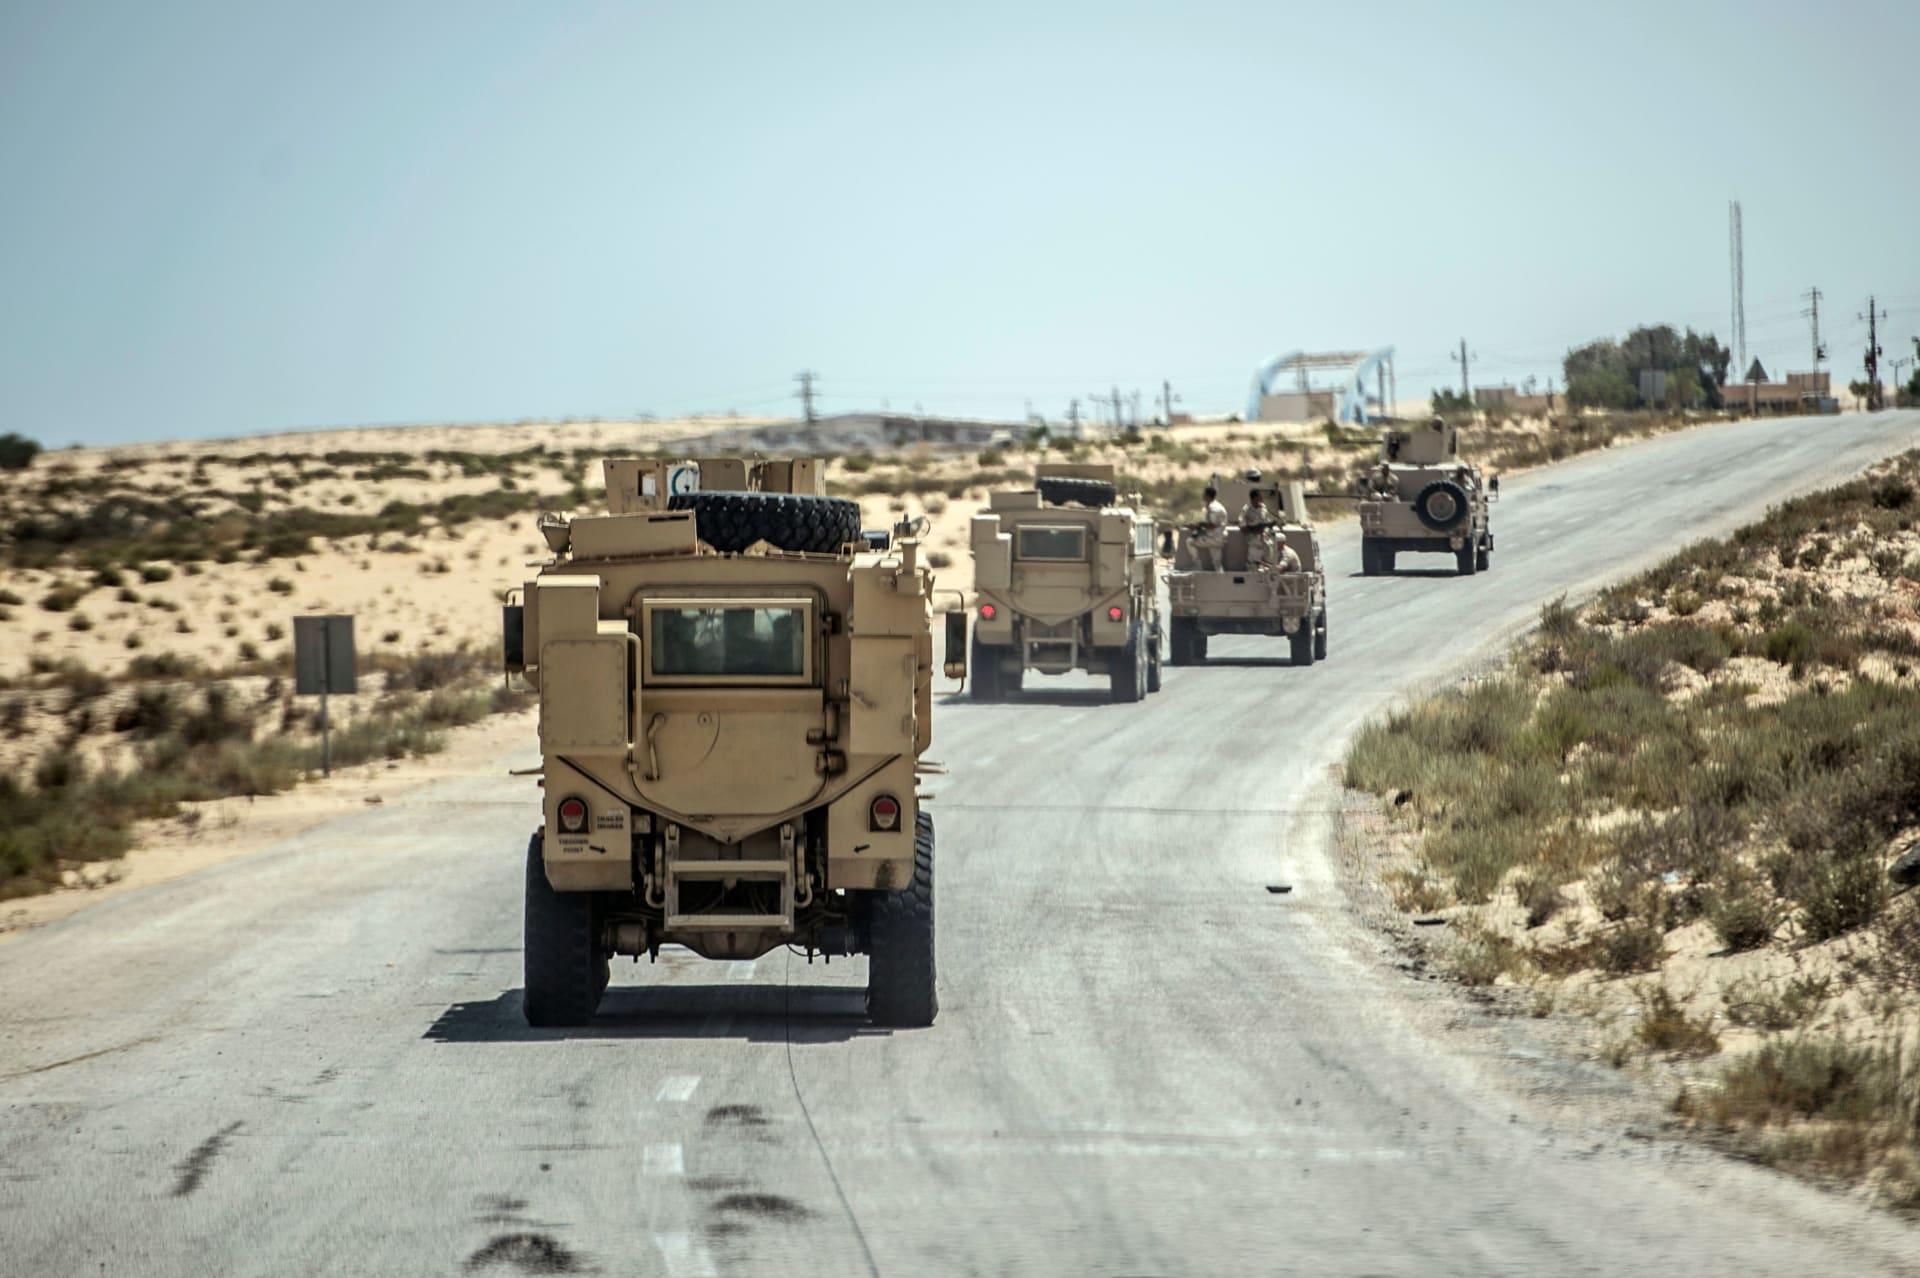 الجيش المصري: سقوط قتلى وجرحى في انفجار بسيناء.. والسيسي: قوى الشر تحاول خطف الوطن